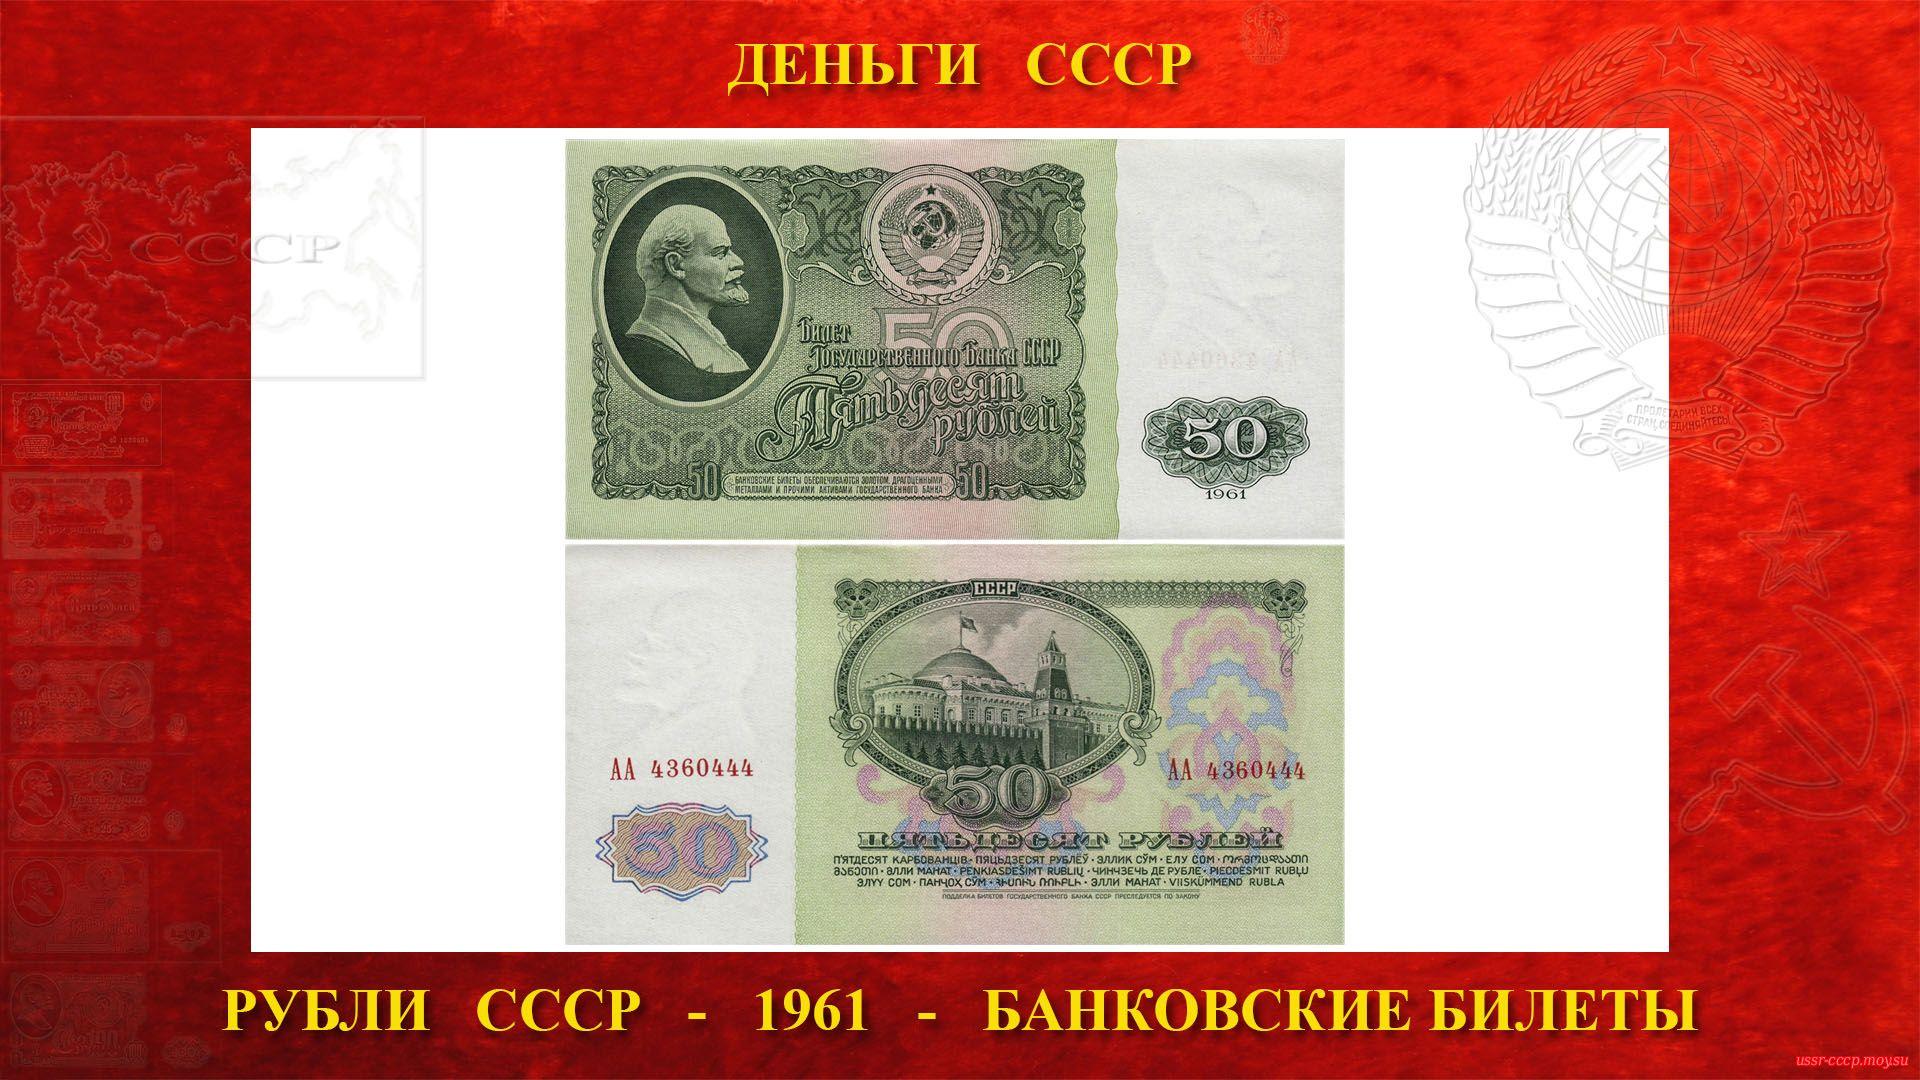 Пятьдесят (50) рублей СССР — Образца 1961 года (повествование)